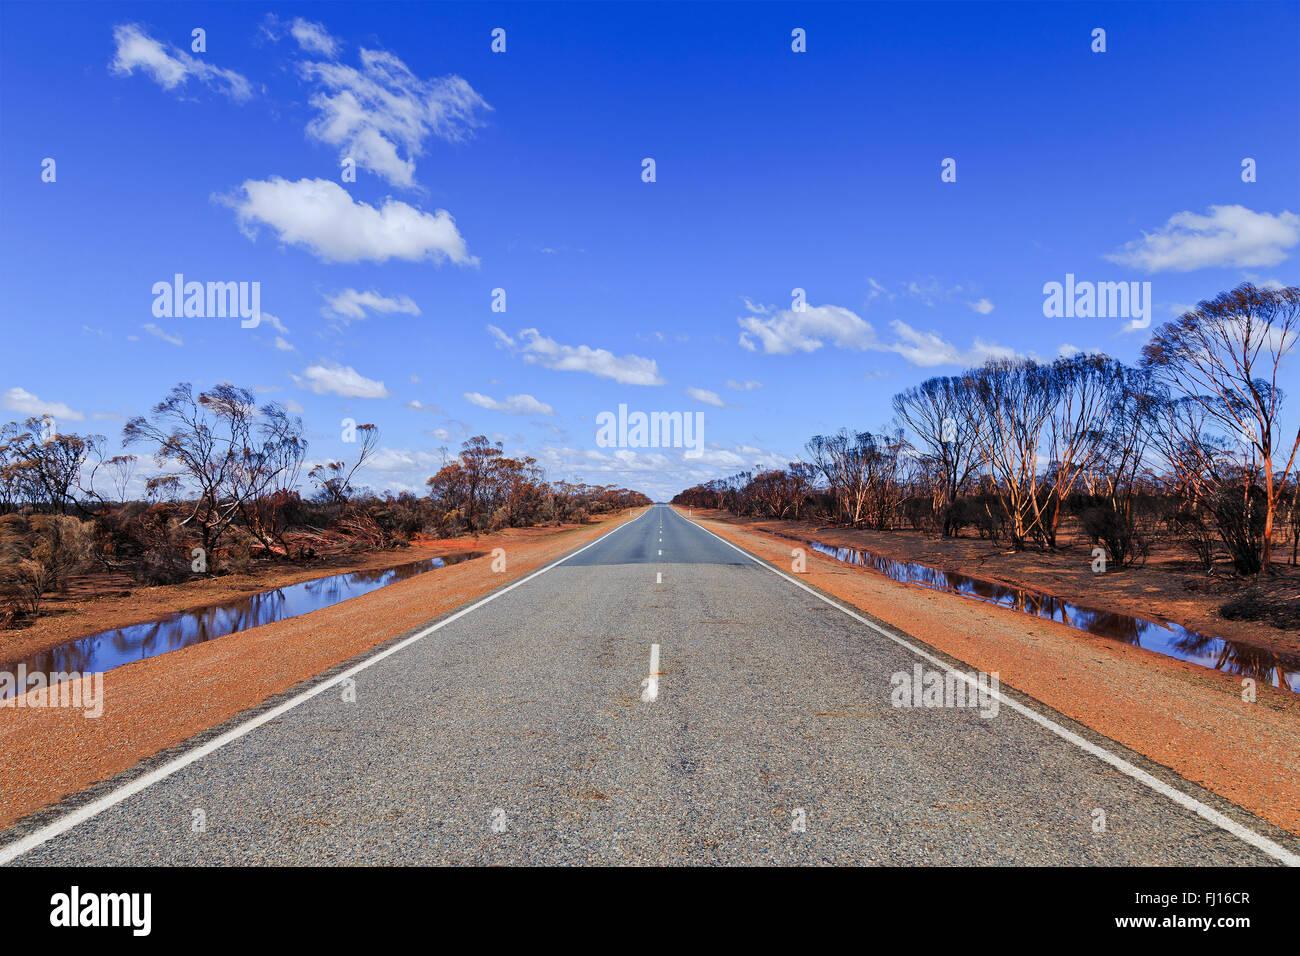 Largeur de route vide dans l'ouest de l'Australie après les graves incendies détruisant bois autour Photo Stock